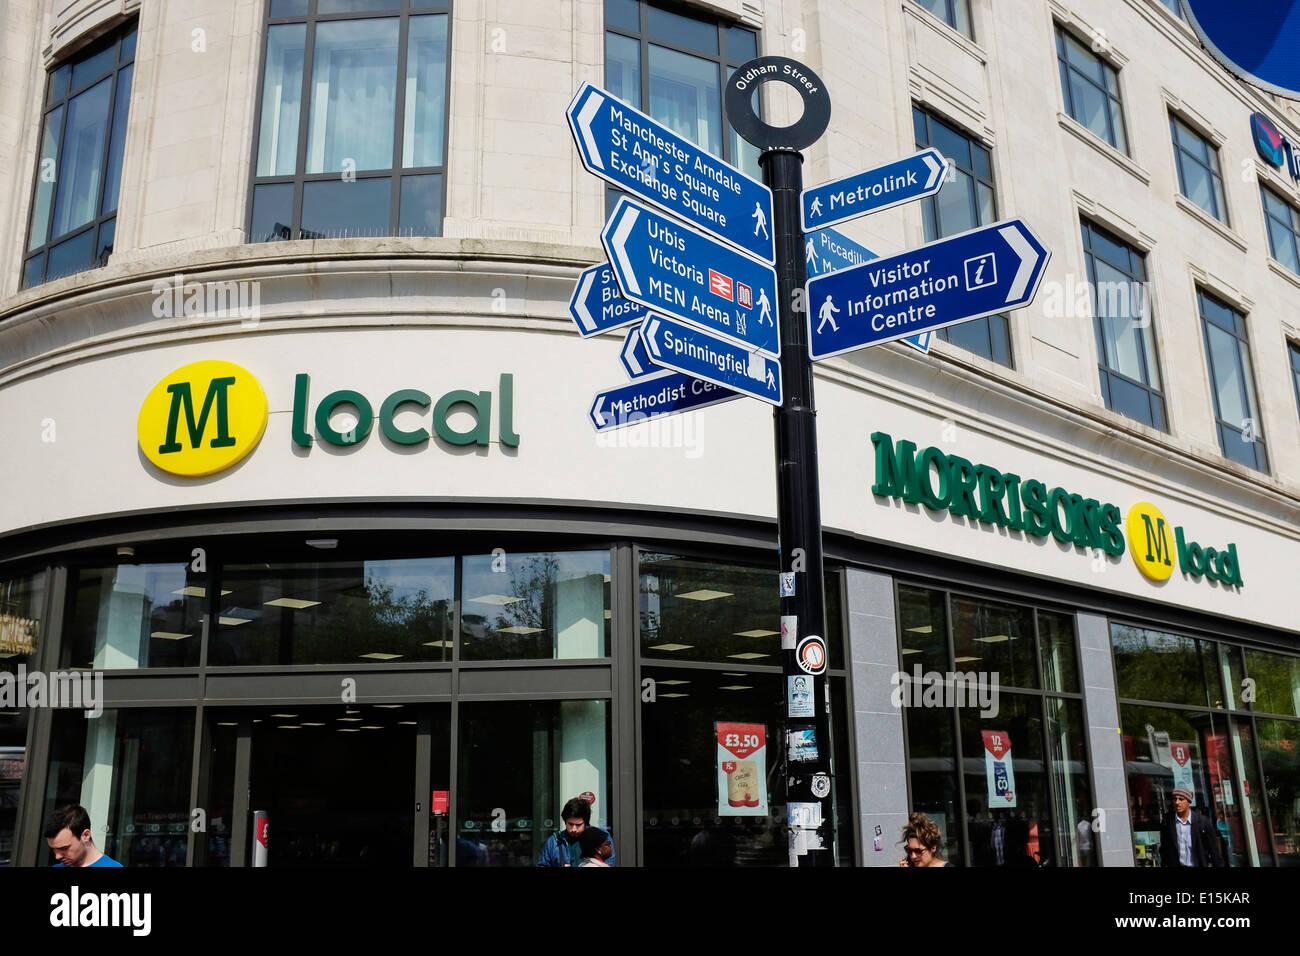 Morrisons m negozio locale di Manchester Piccadilly Gardens Regno Unito Immagini Stock